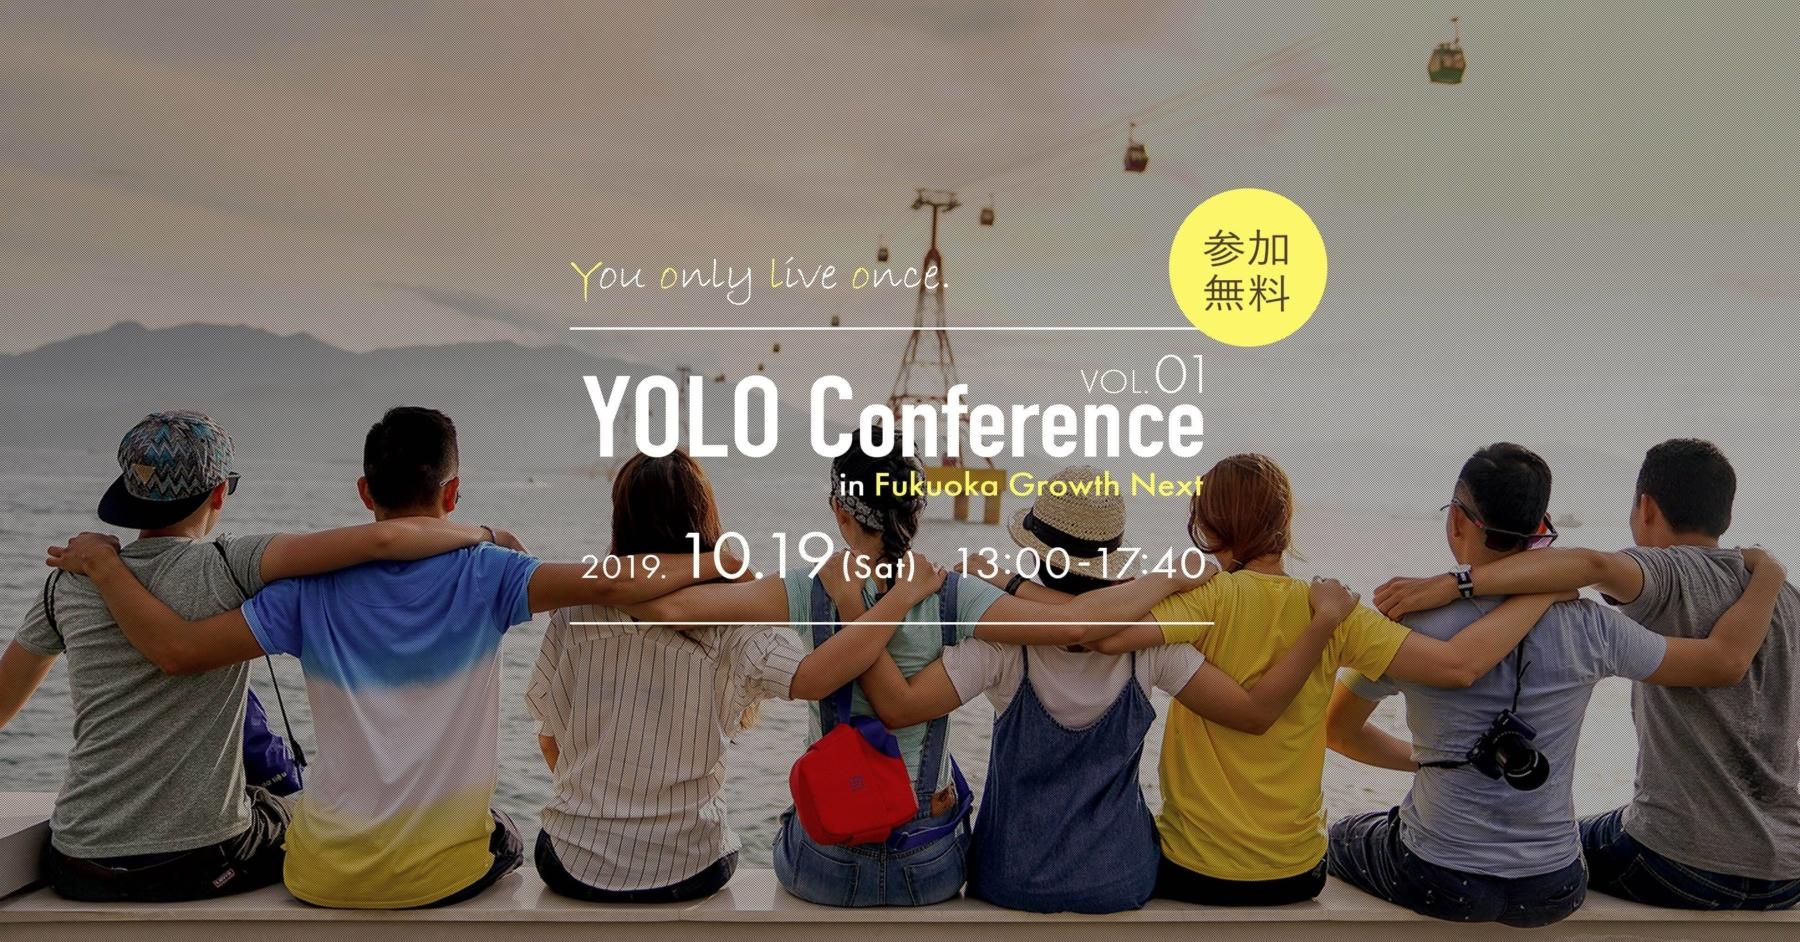 エンジニア出身のヨガ講師が仕掛ける「YOLO Conference」